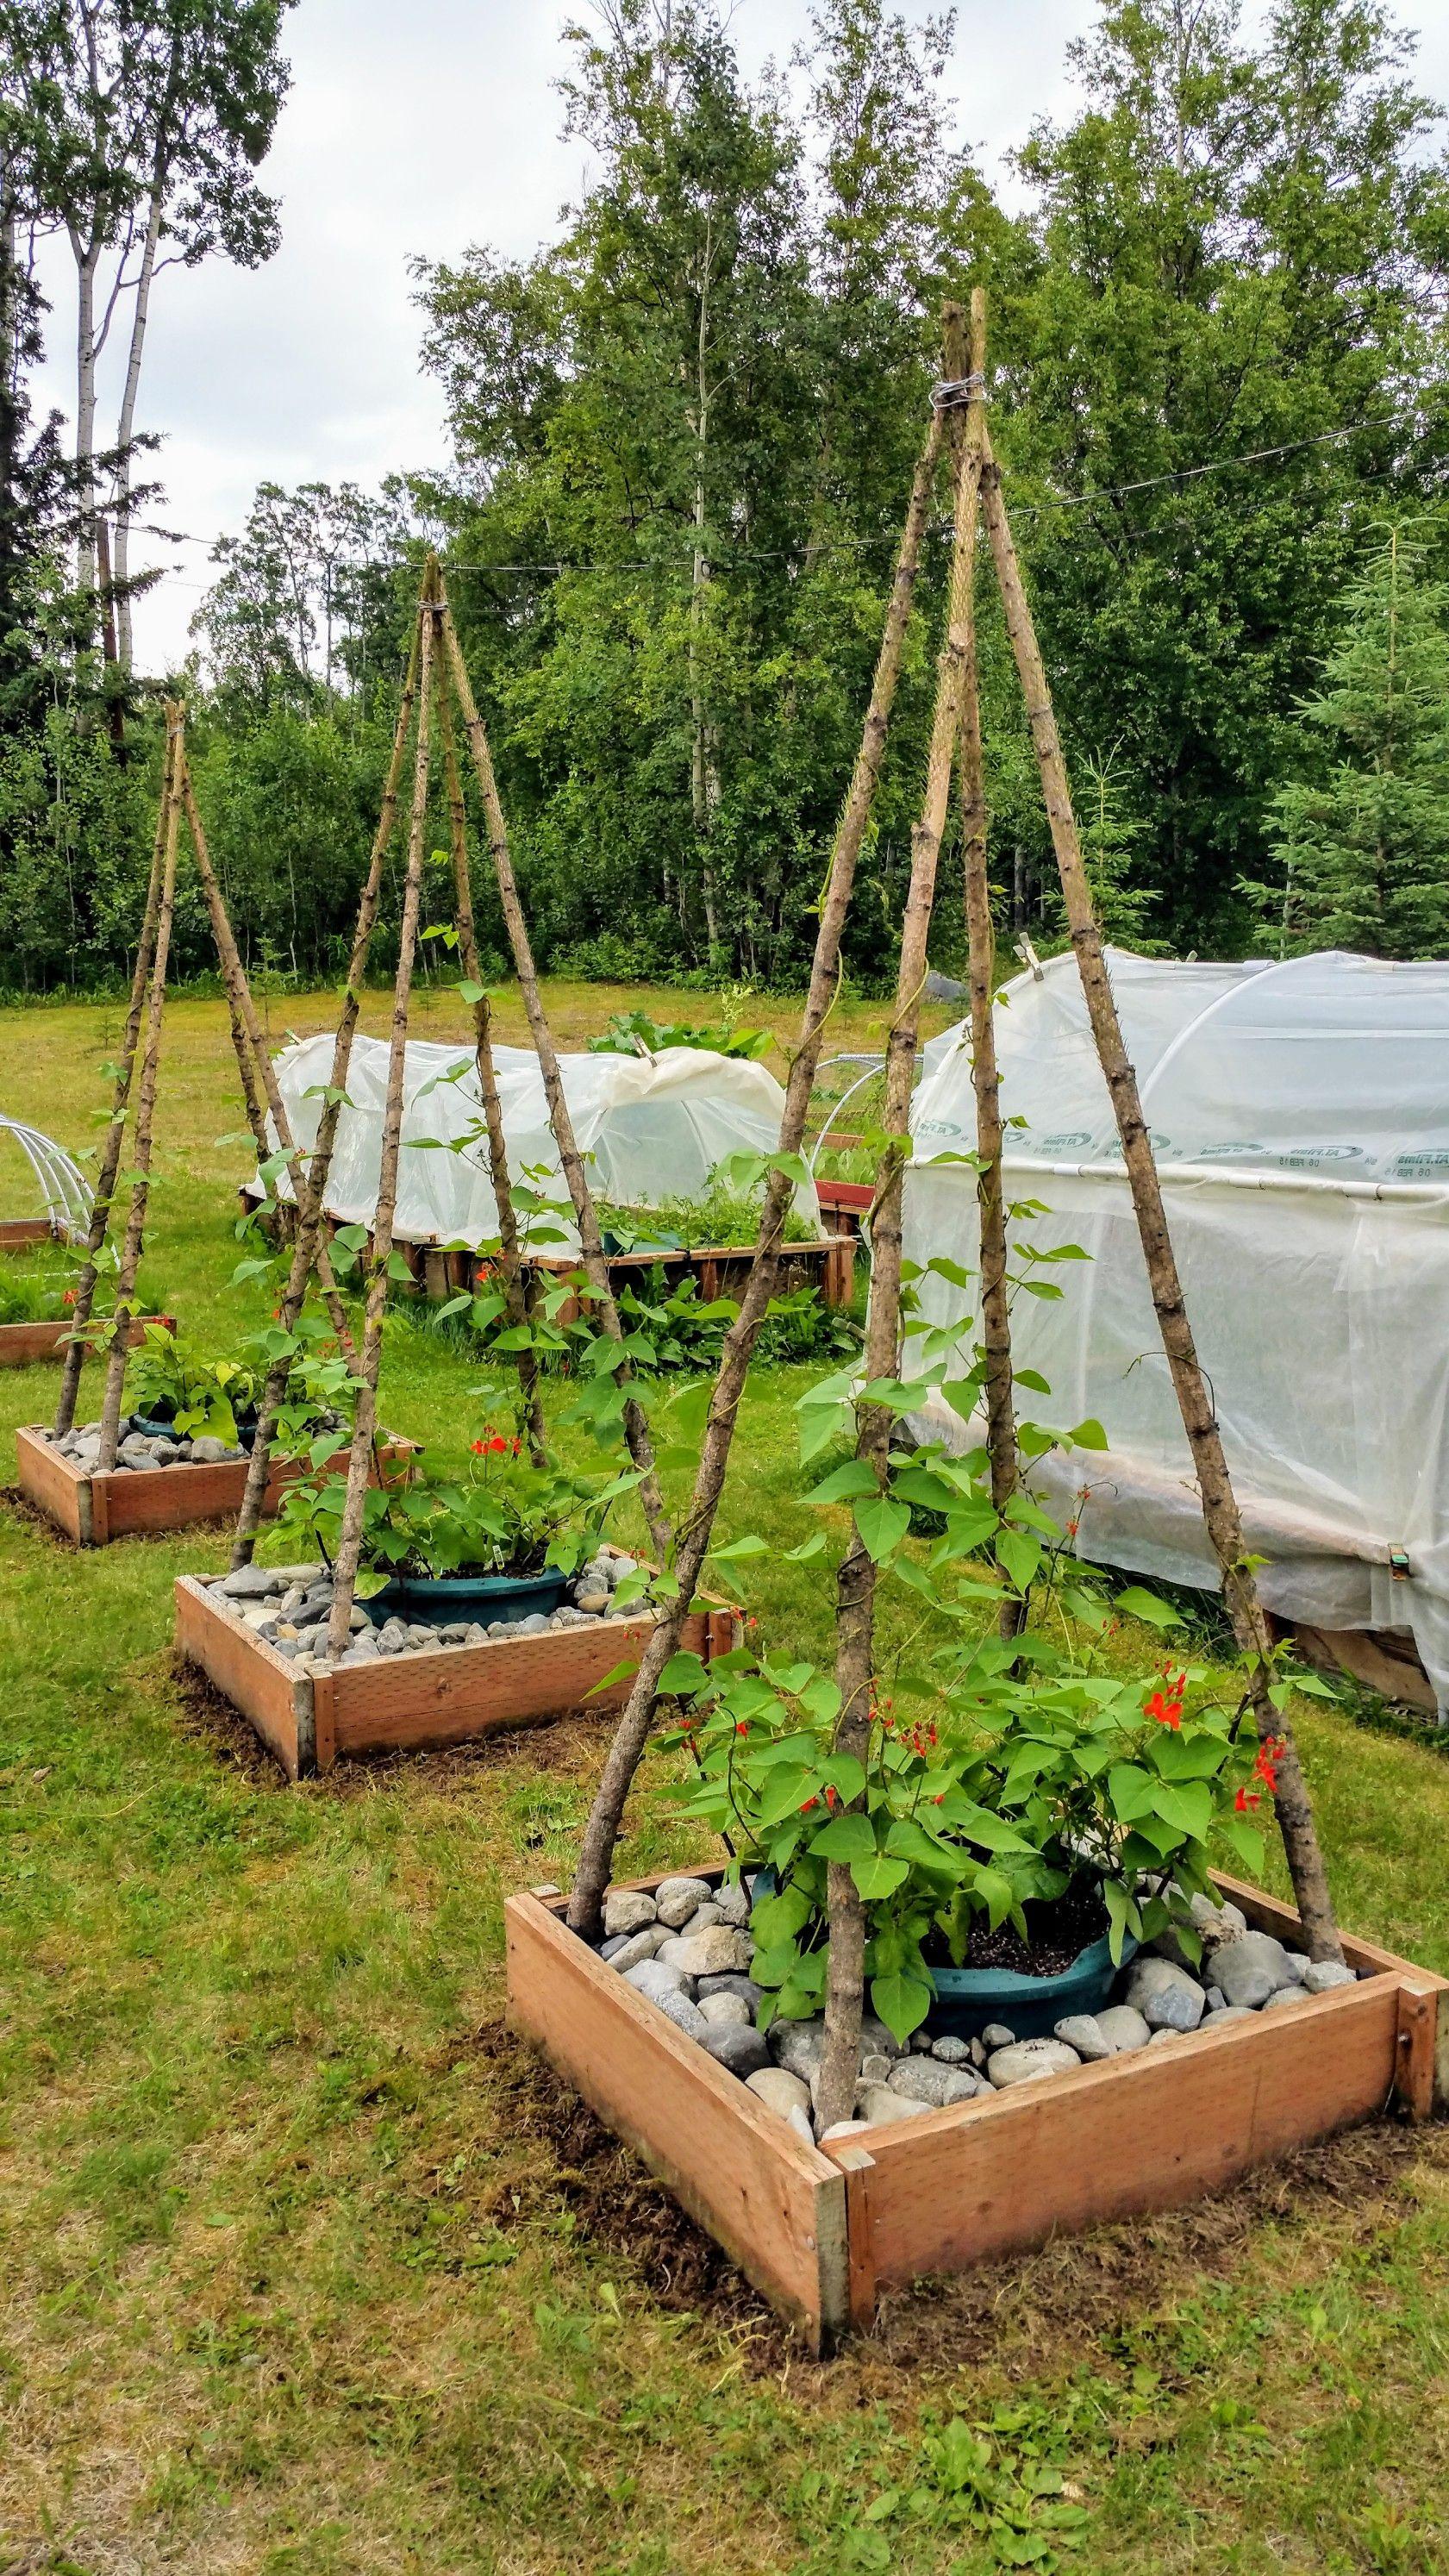 Scarlet Runner Beans On My Bean Tipi S Vegetable Garden Raised Beds Vegetable Garden Design Home Vegetable Garden